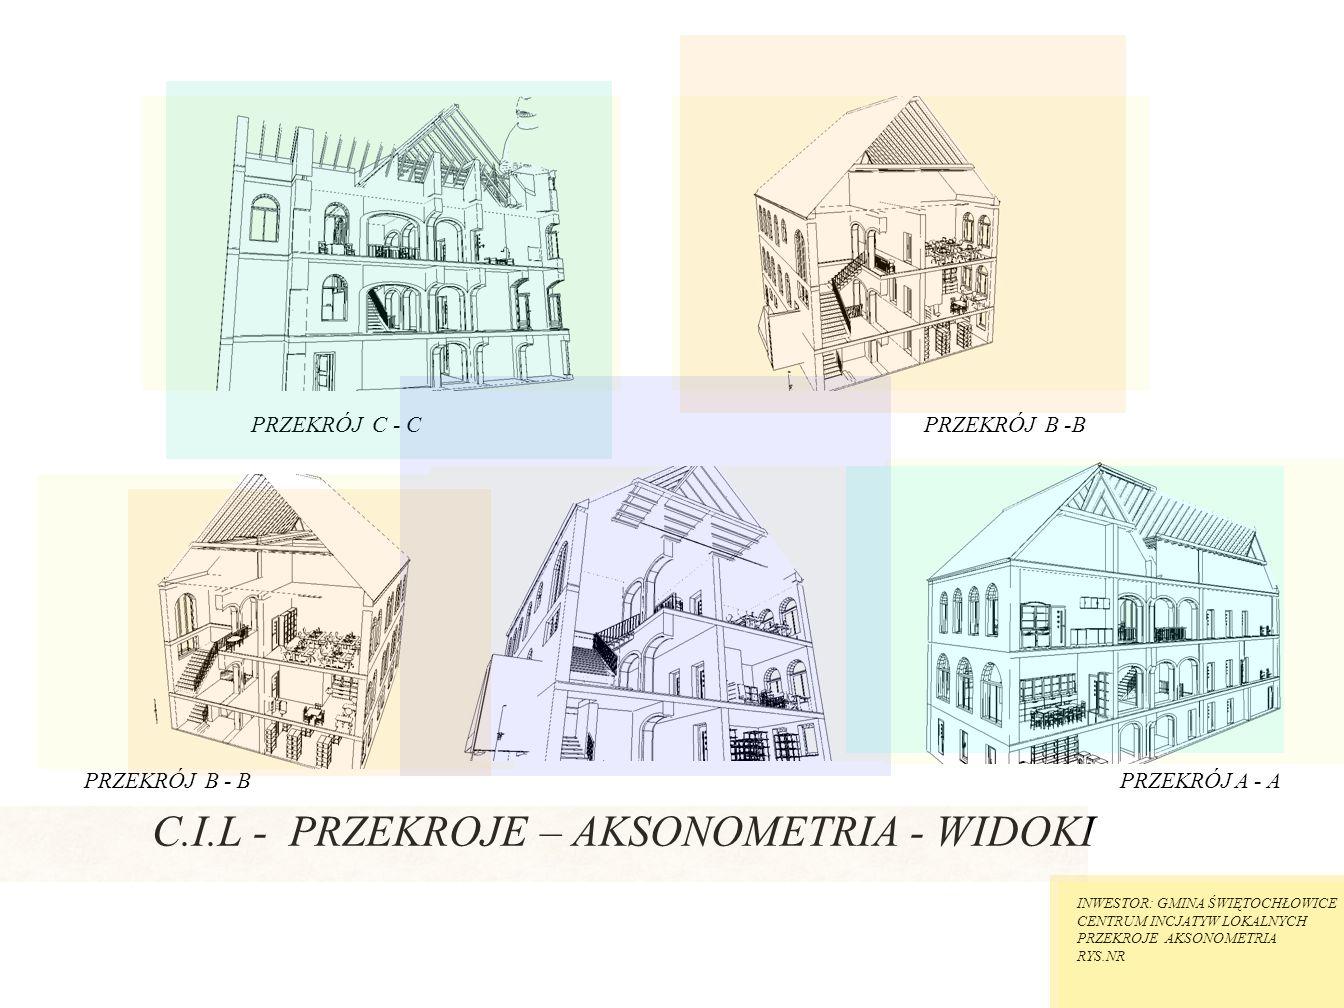 C.I.L - PRZEKROJE – AKSONOMETRIA - WIDOKI